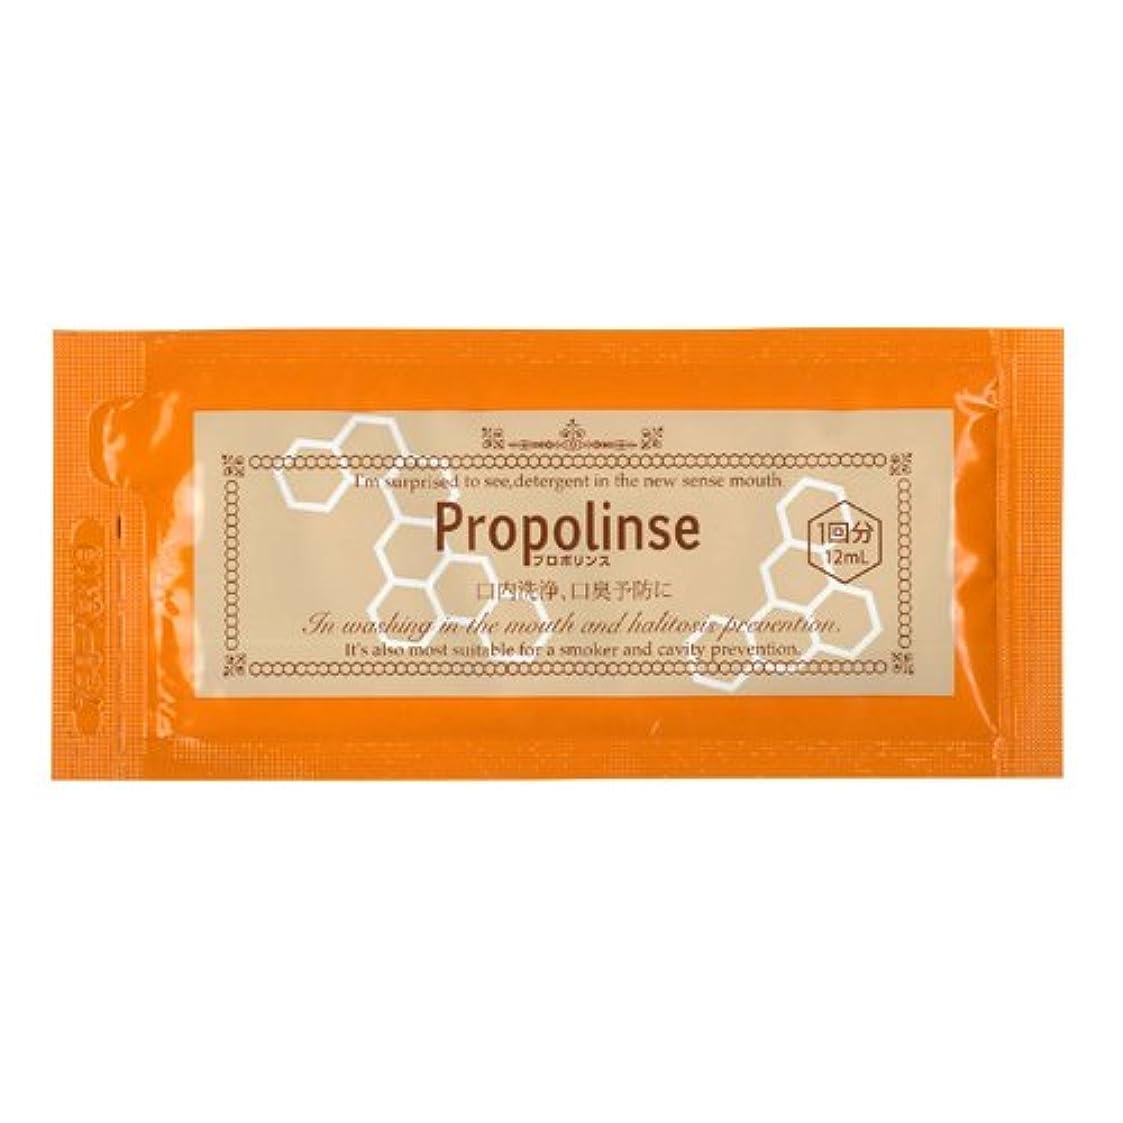 けがをする株式会社例外プロポリンス ハンディパウチ 12ml(1袋)×100袋